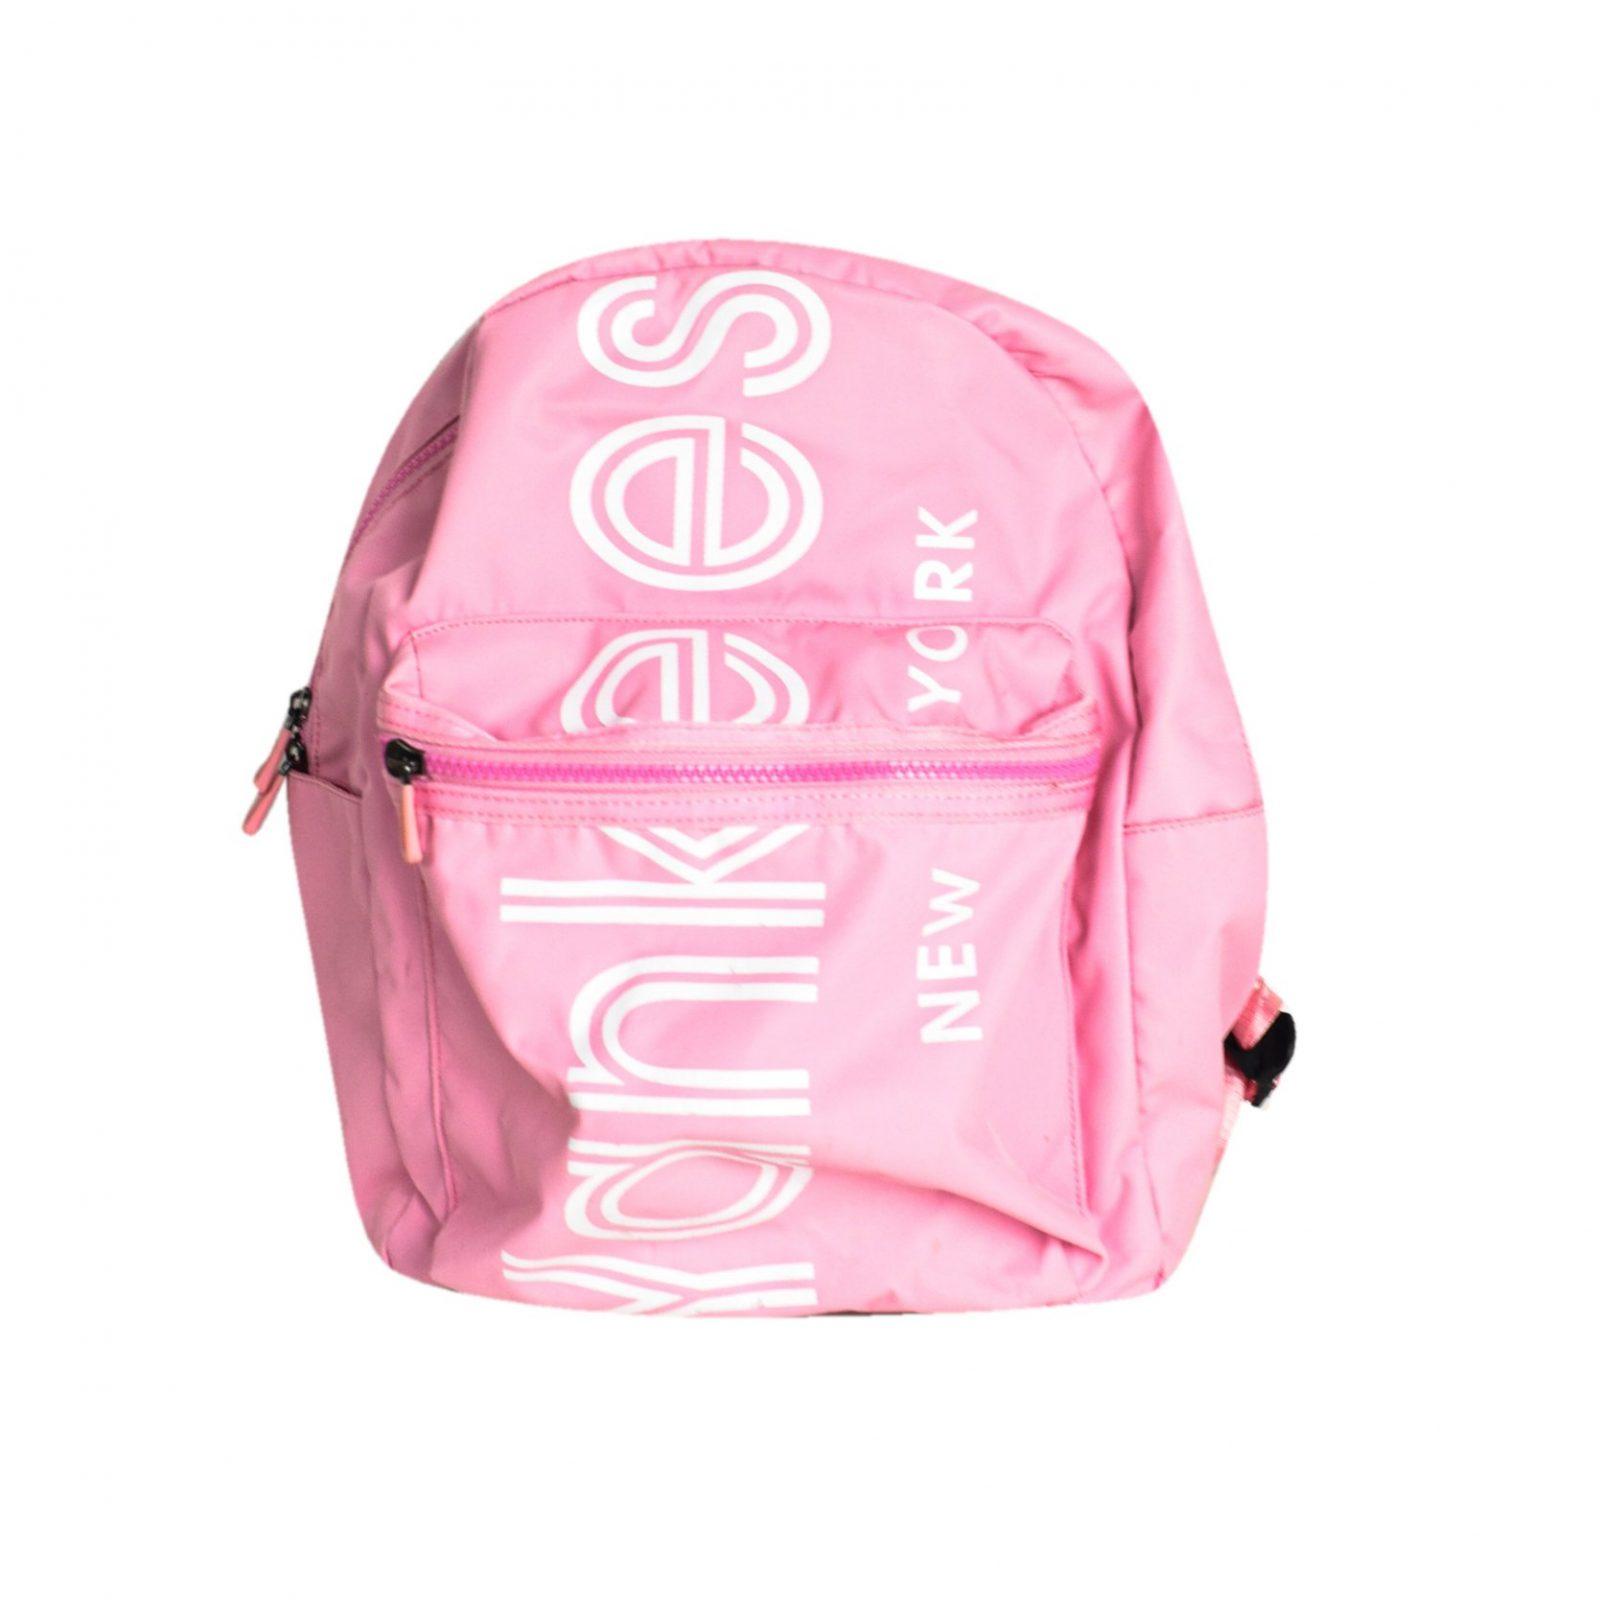 pink mlb bag